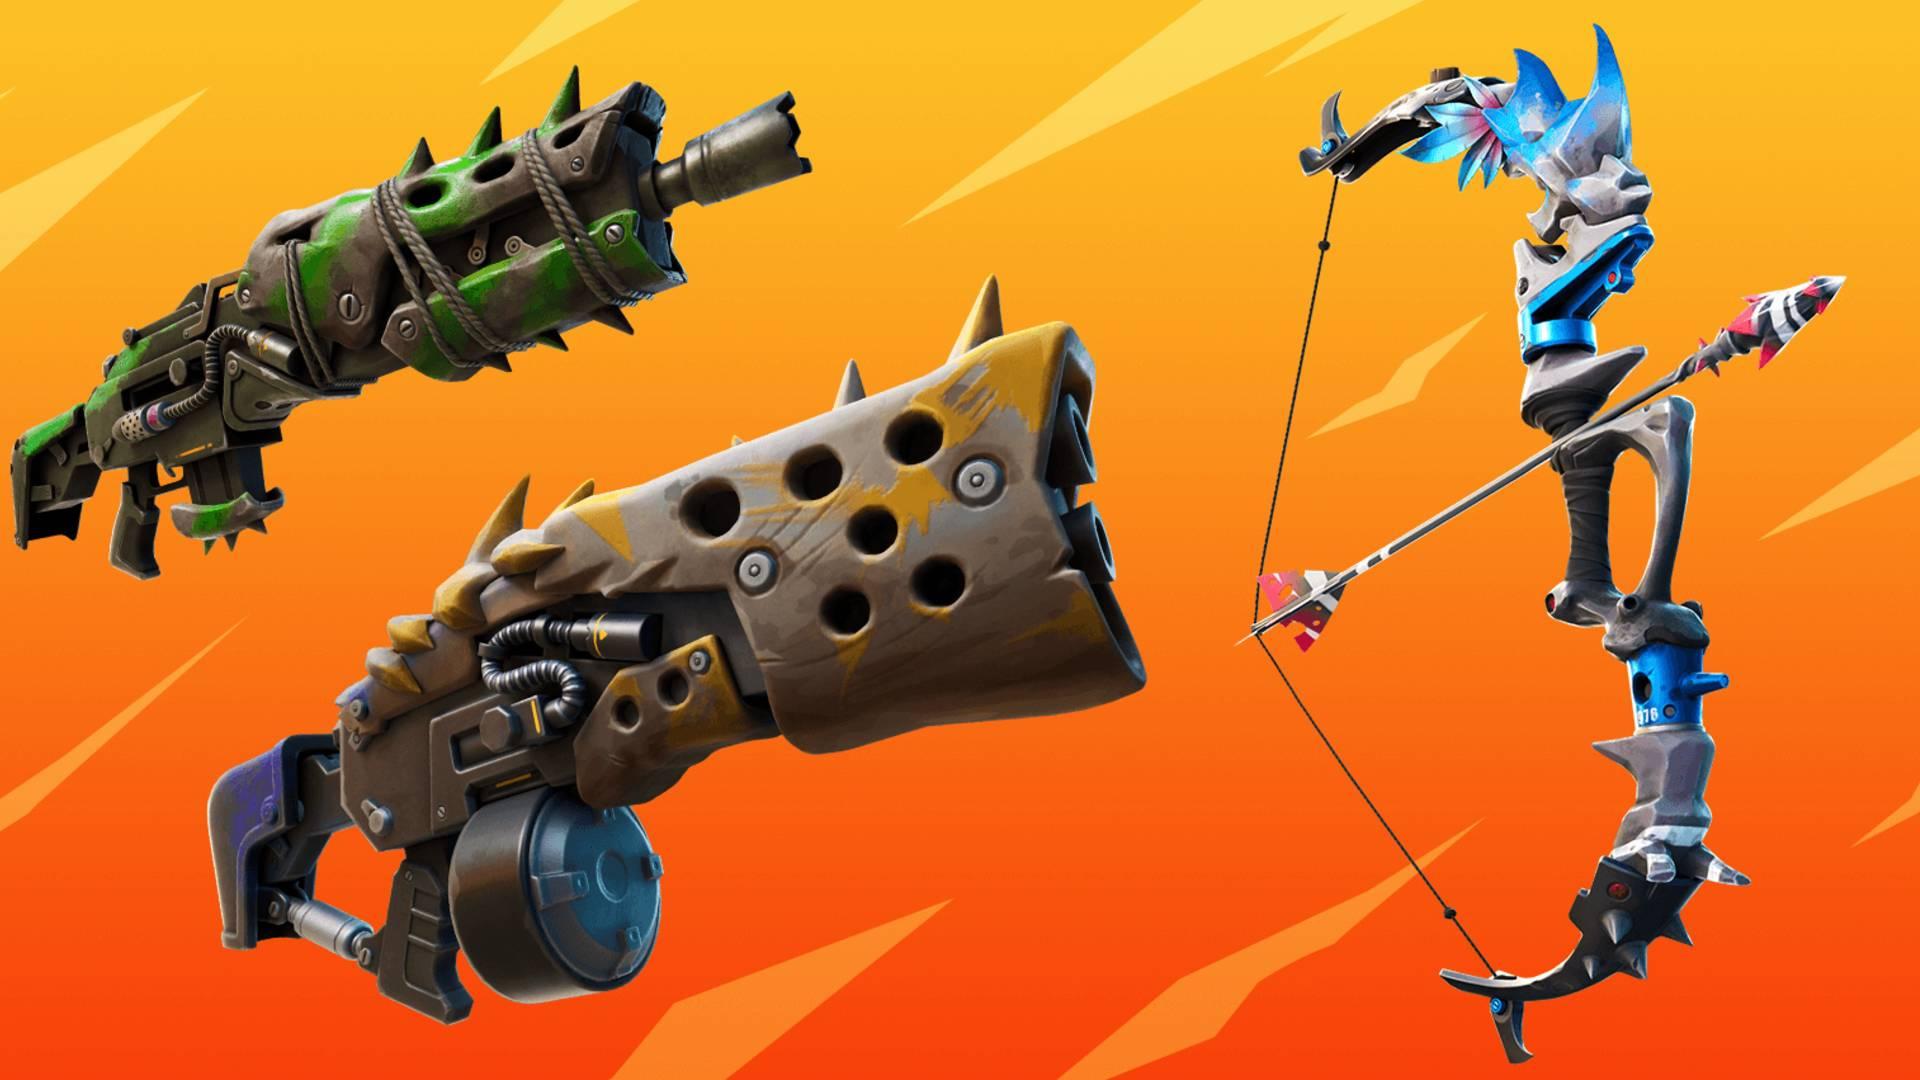 Nouvelles armes à feu Fortnite - voici toutes les nouvelles armes de la saison 6 de Fortnite